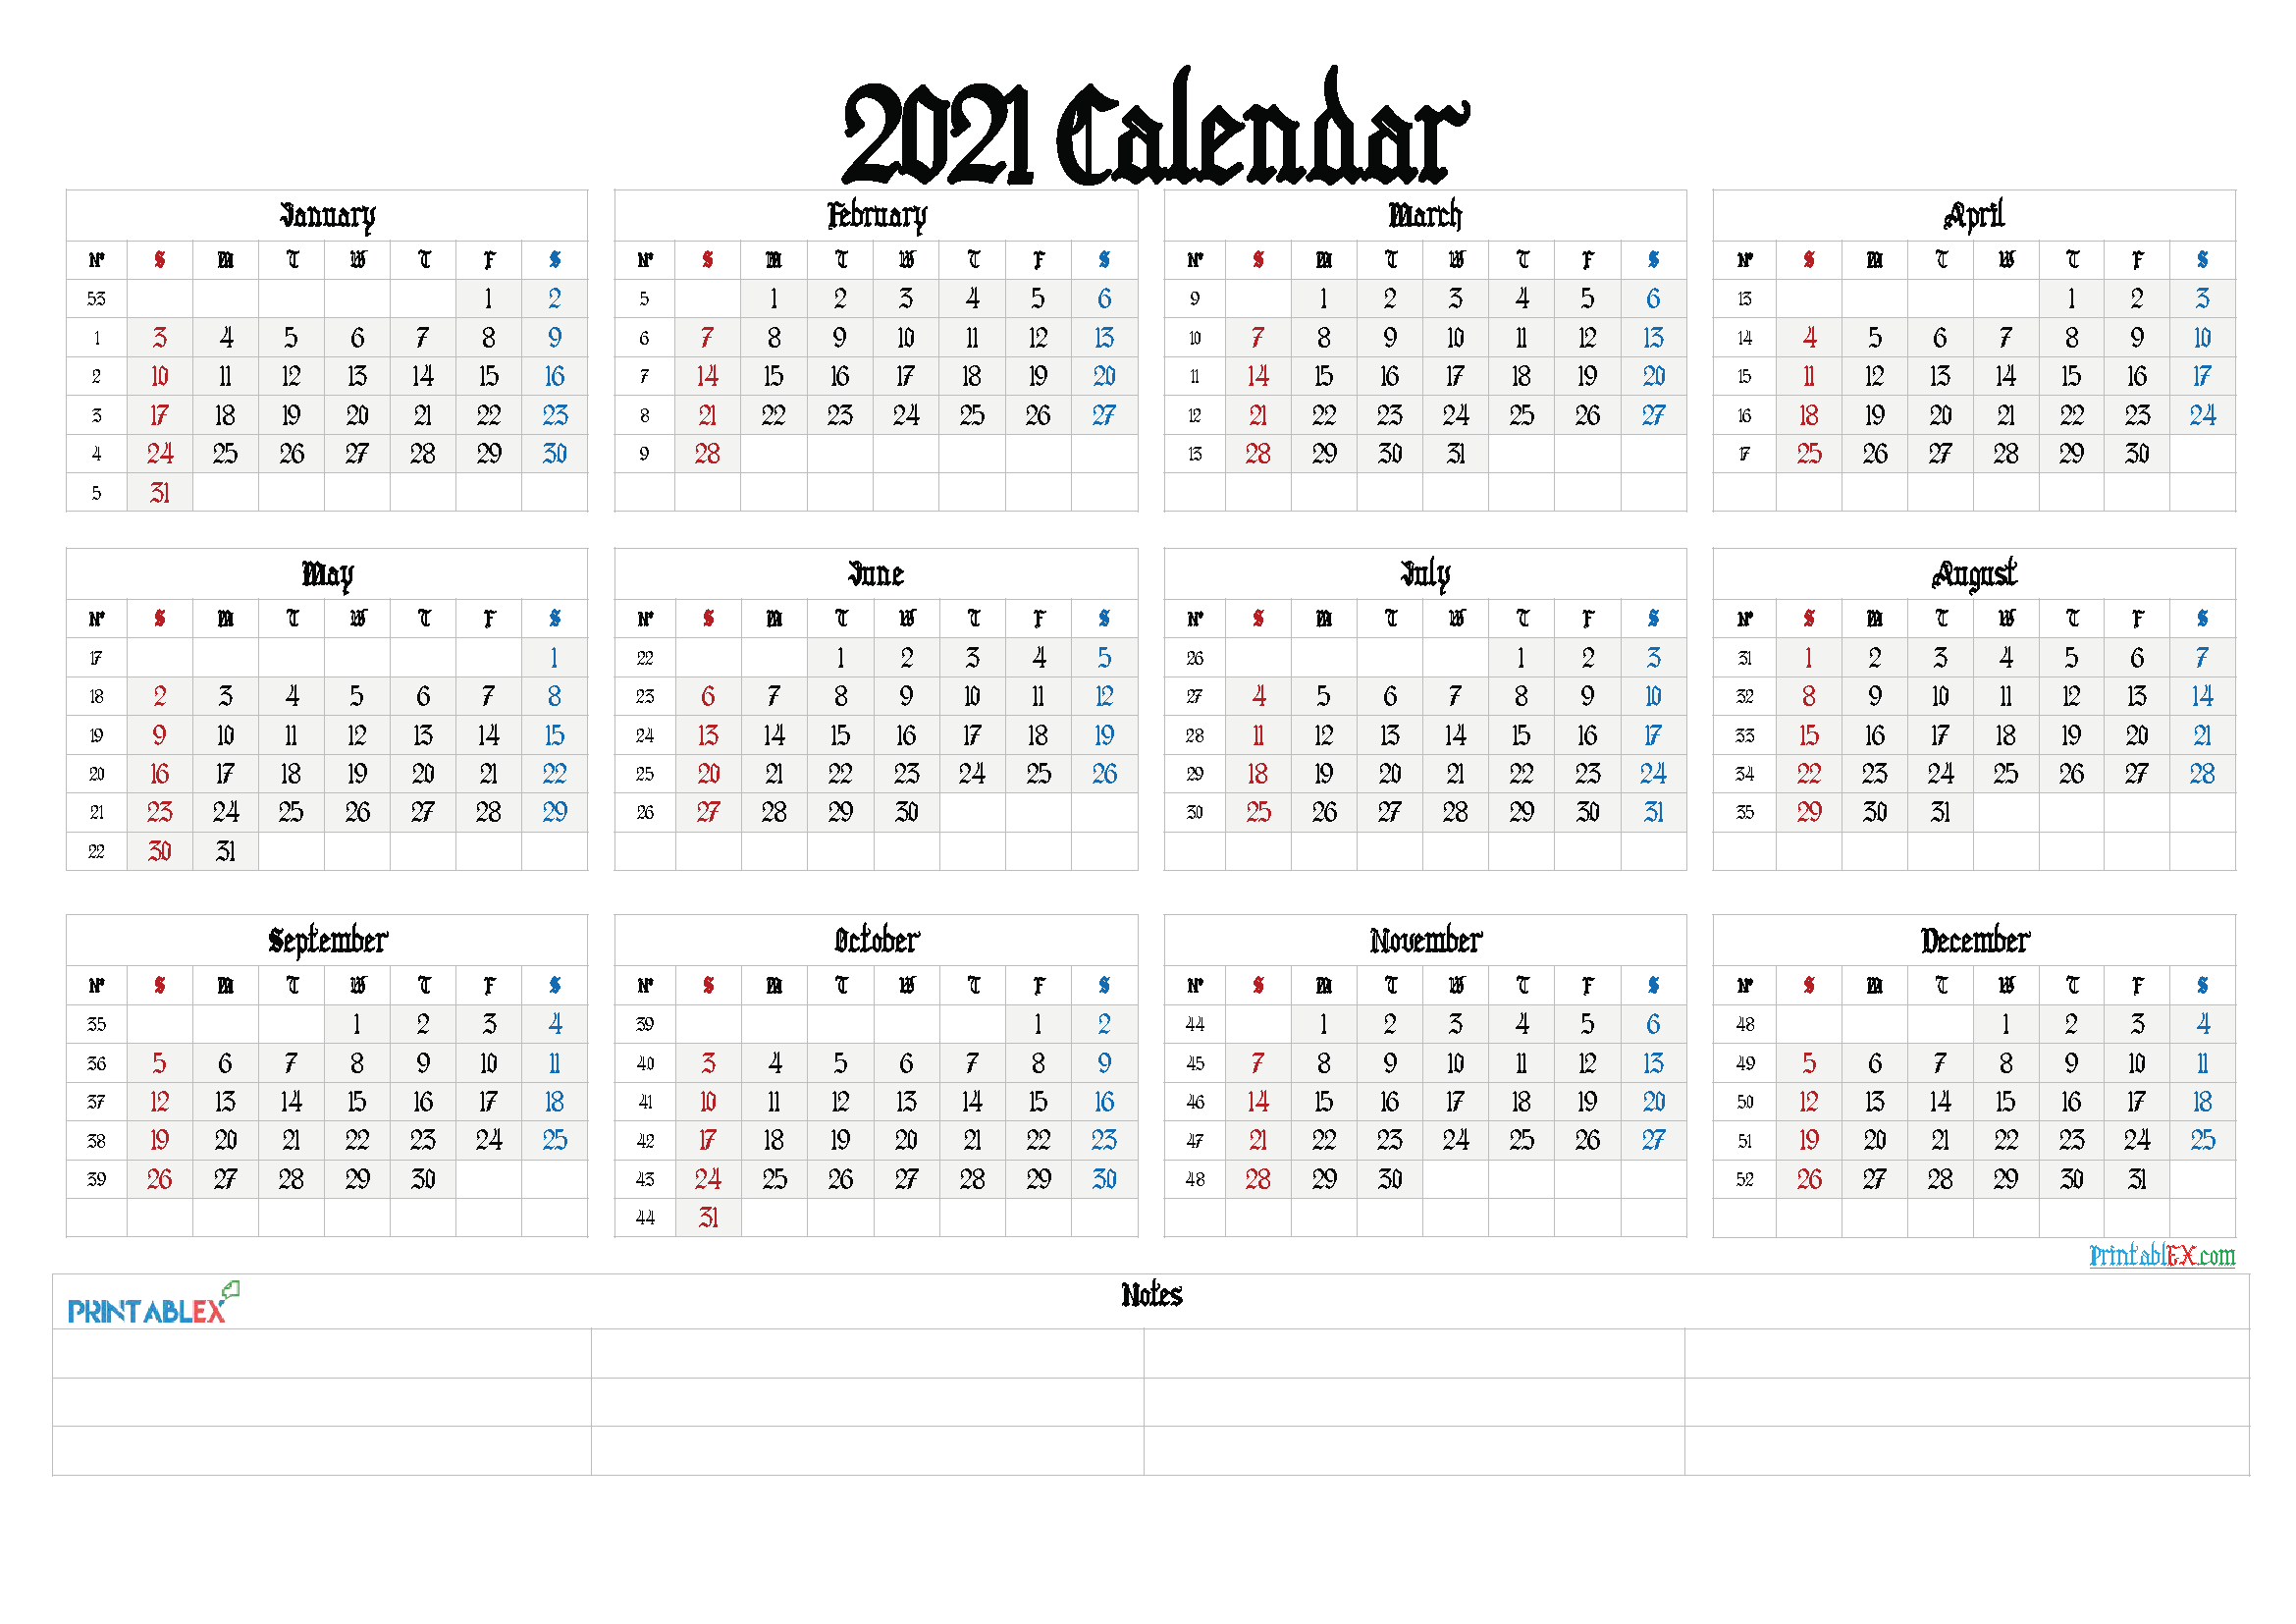 Printable Calendar Templates 2021 (Font: macon)